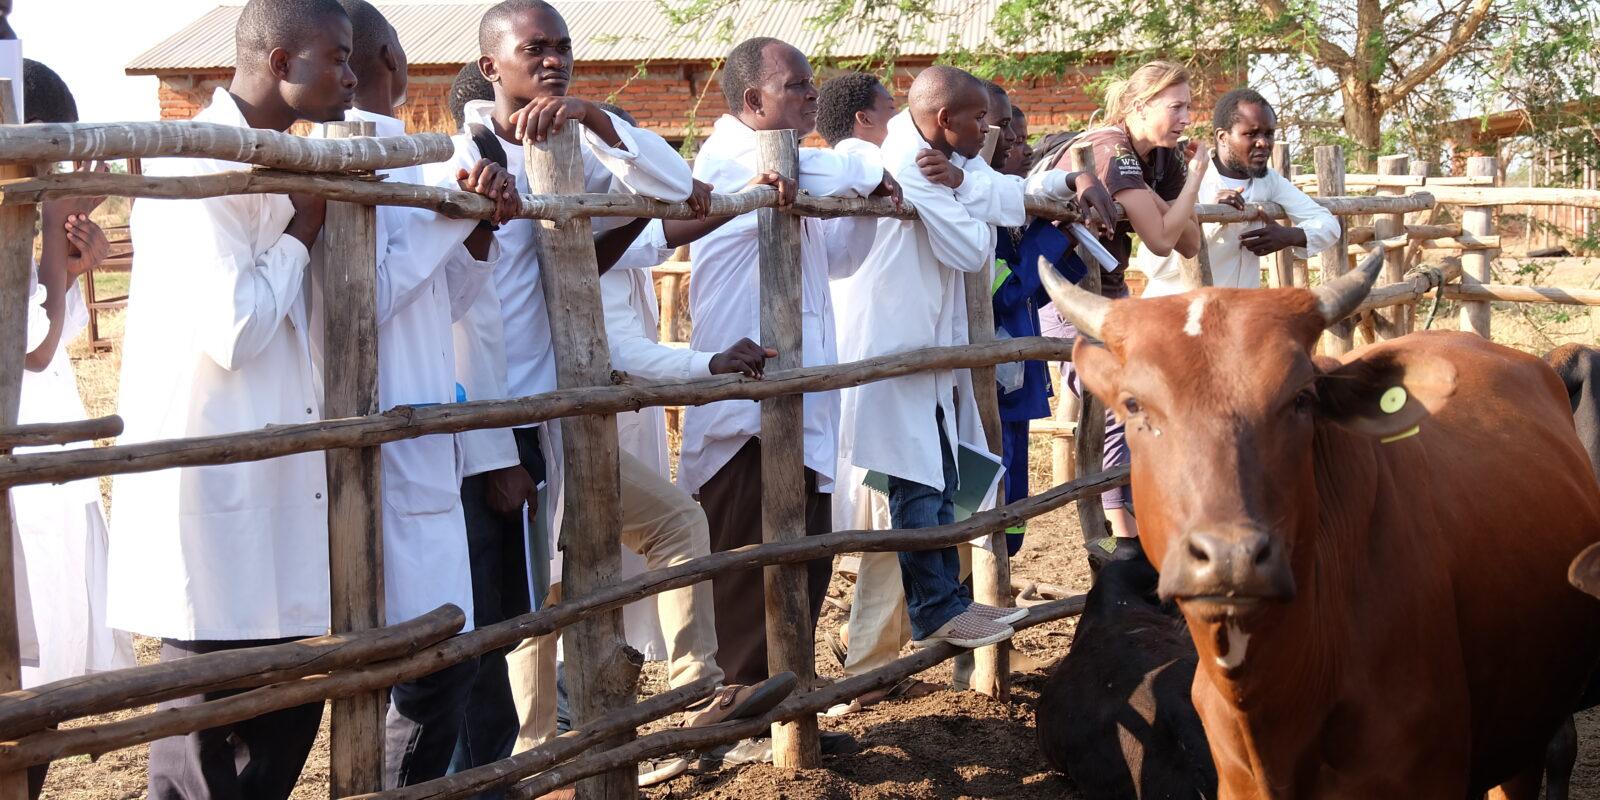 Kurs in Malawi